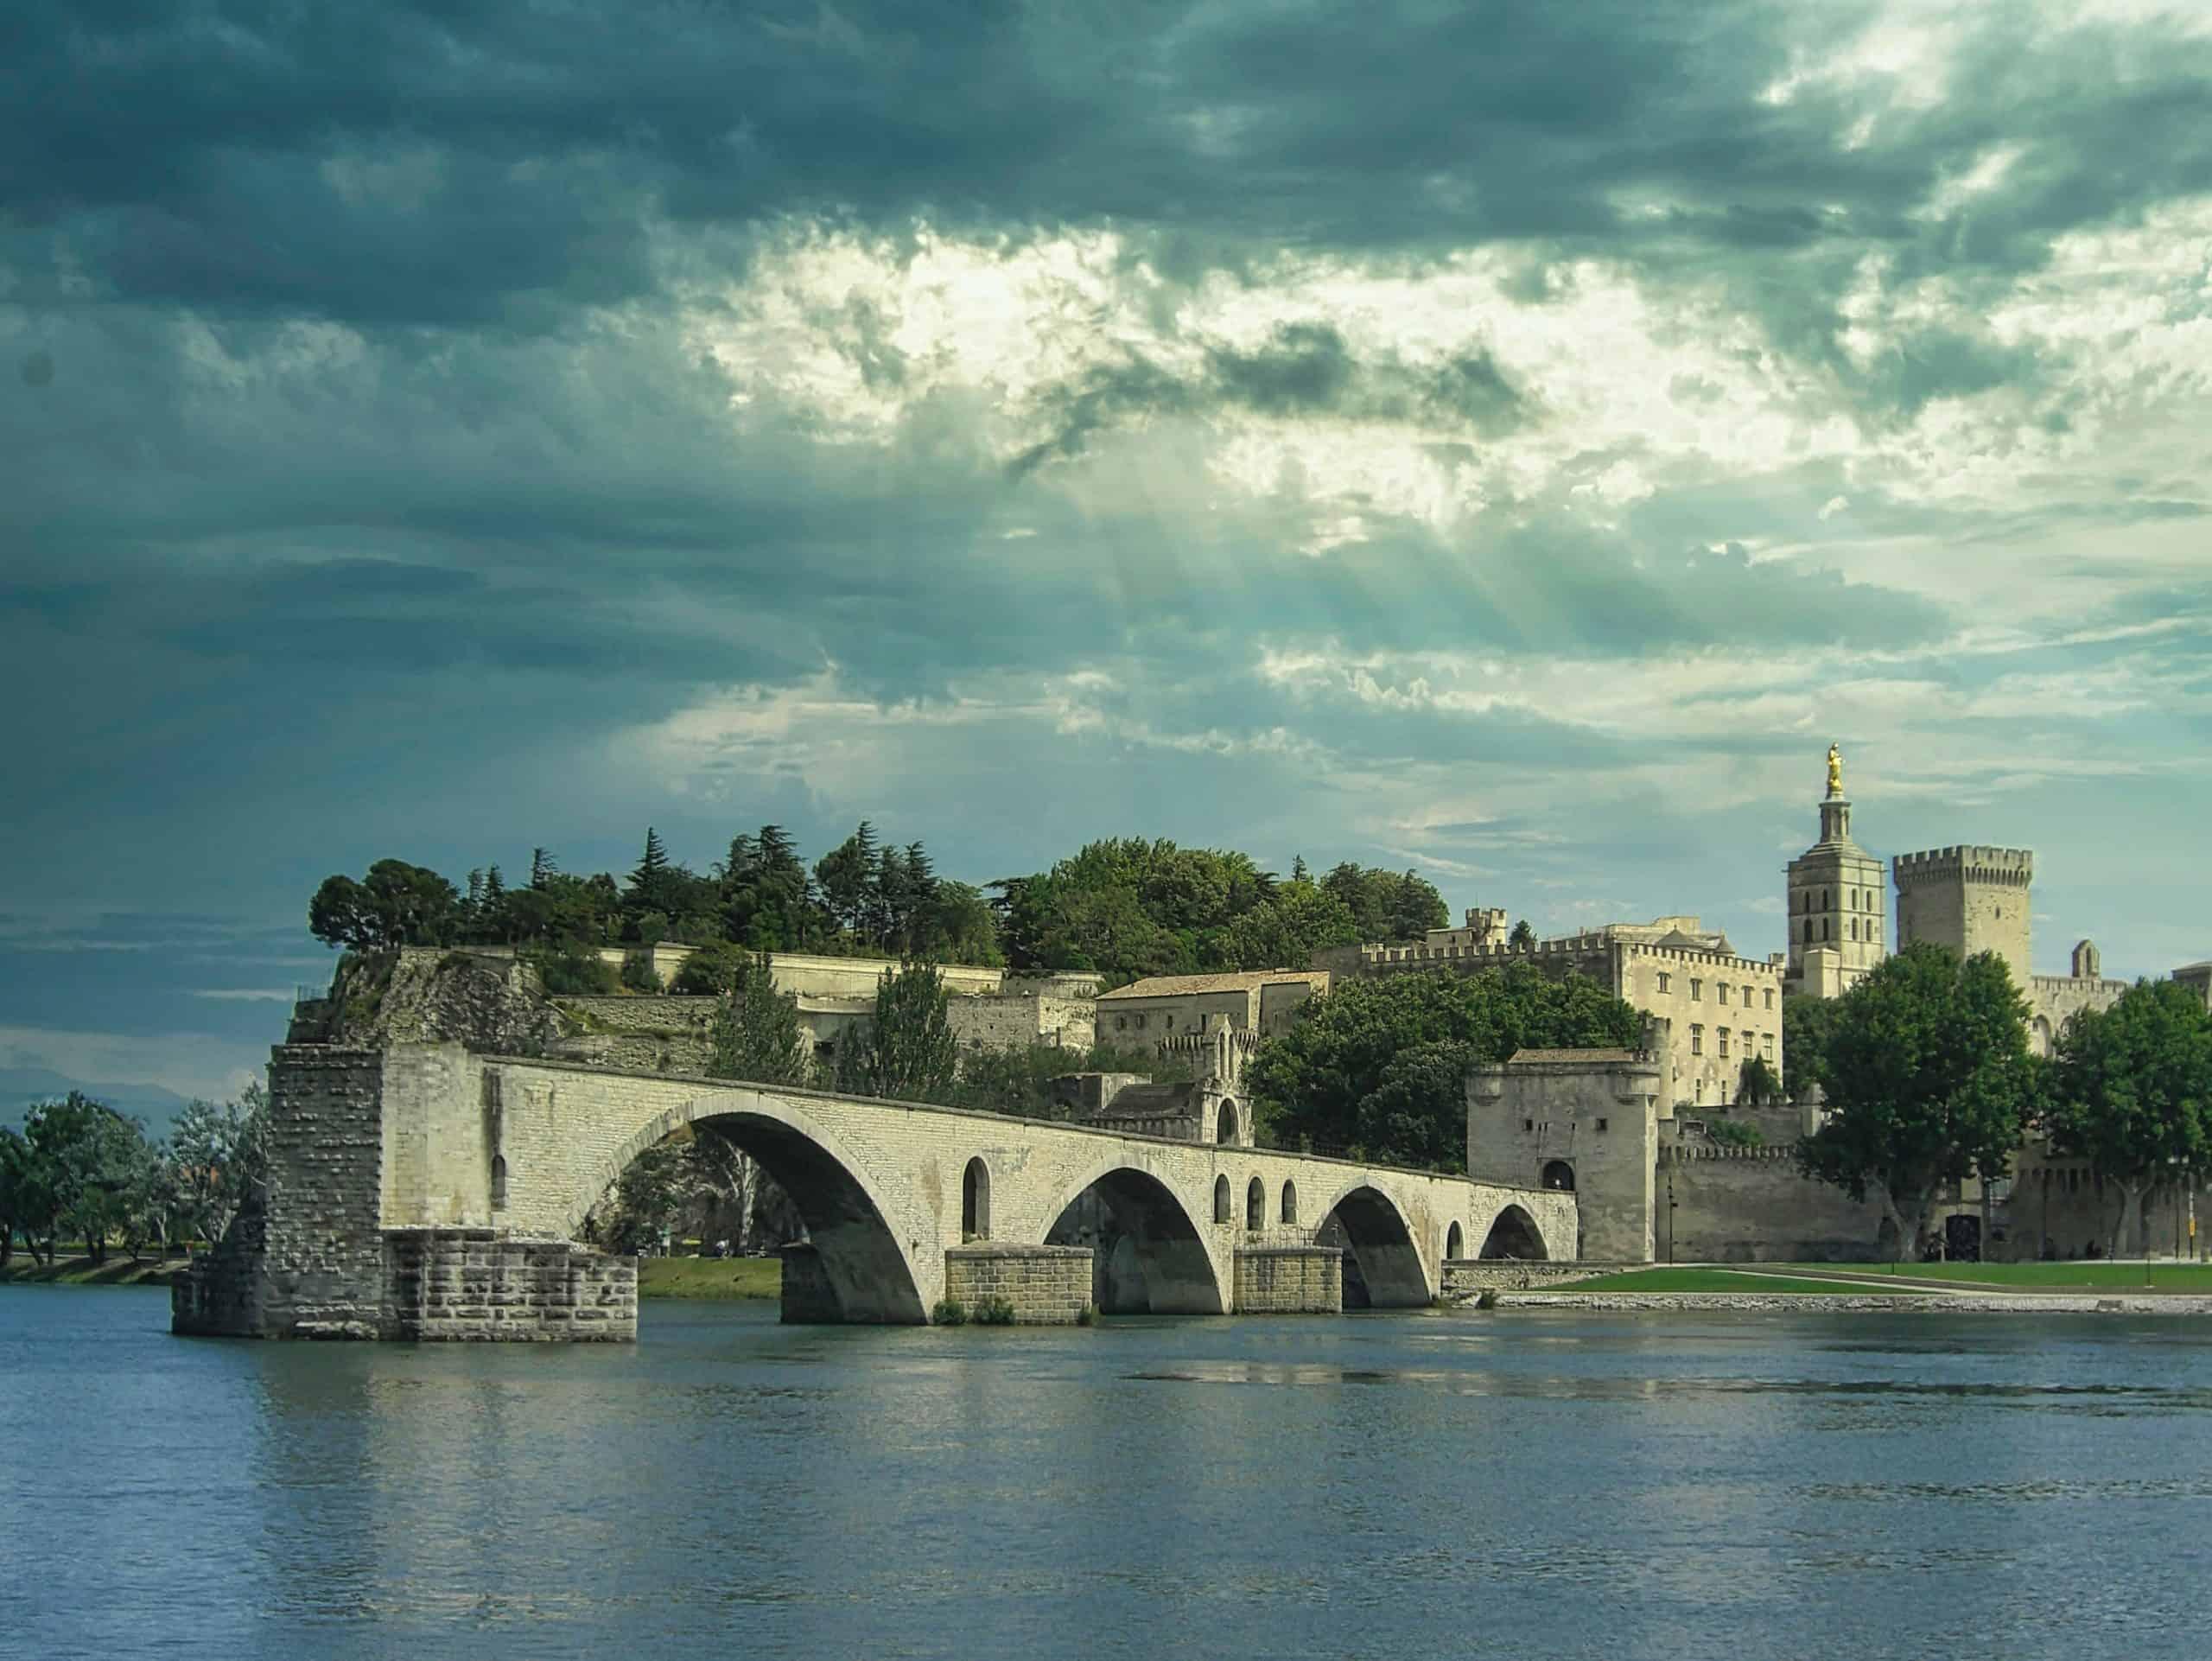 bilan orientation scolaire a avignon scaled - Bilan orientation scolaire à Avignon